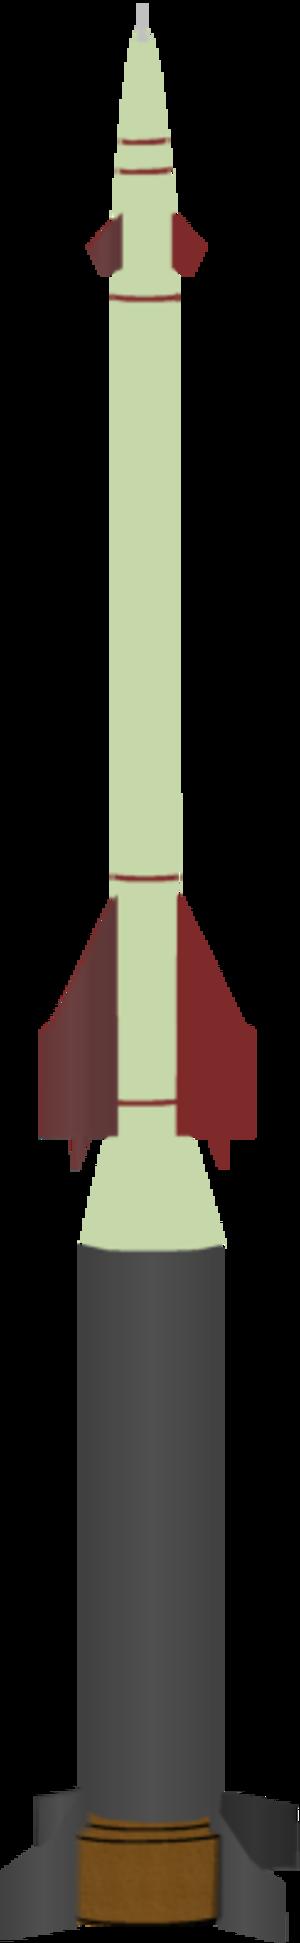 2K22 Tunguska - Illustration of the 9M311